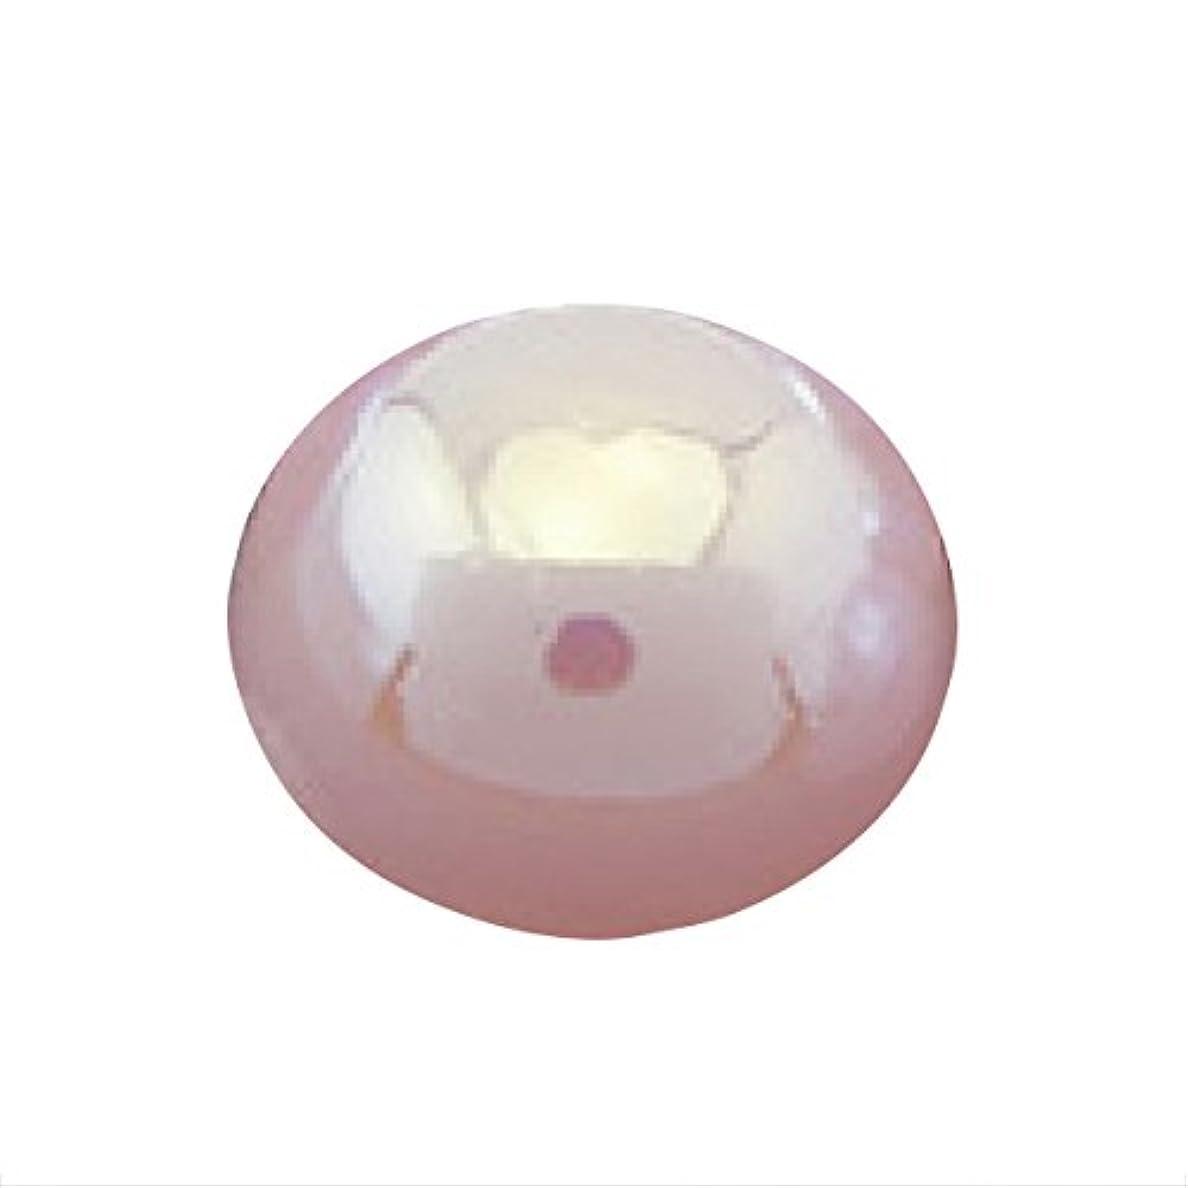 祝福かき混ぜる主要なパール2mm(50個入り) オーロラピンク